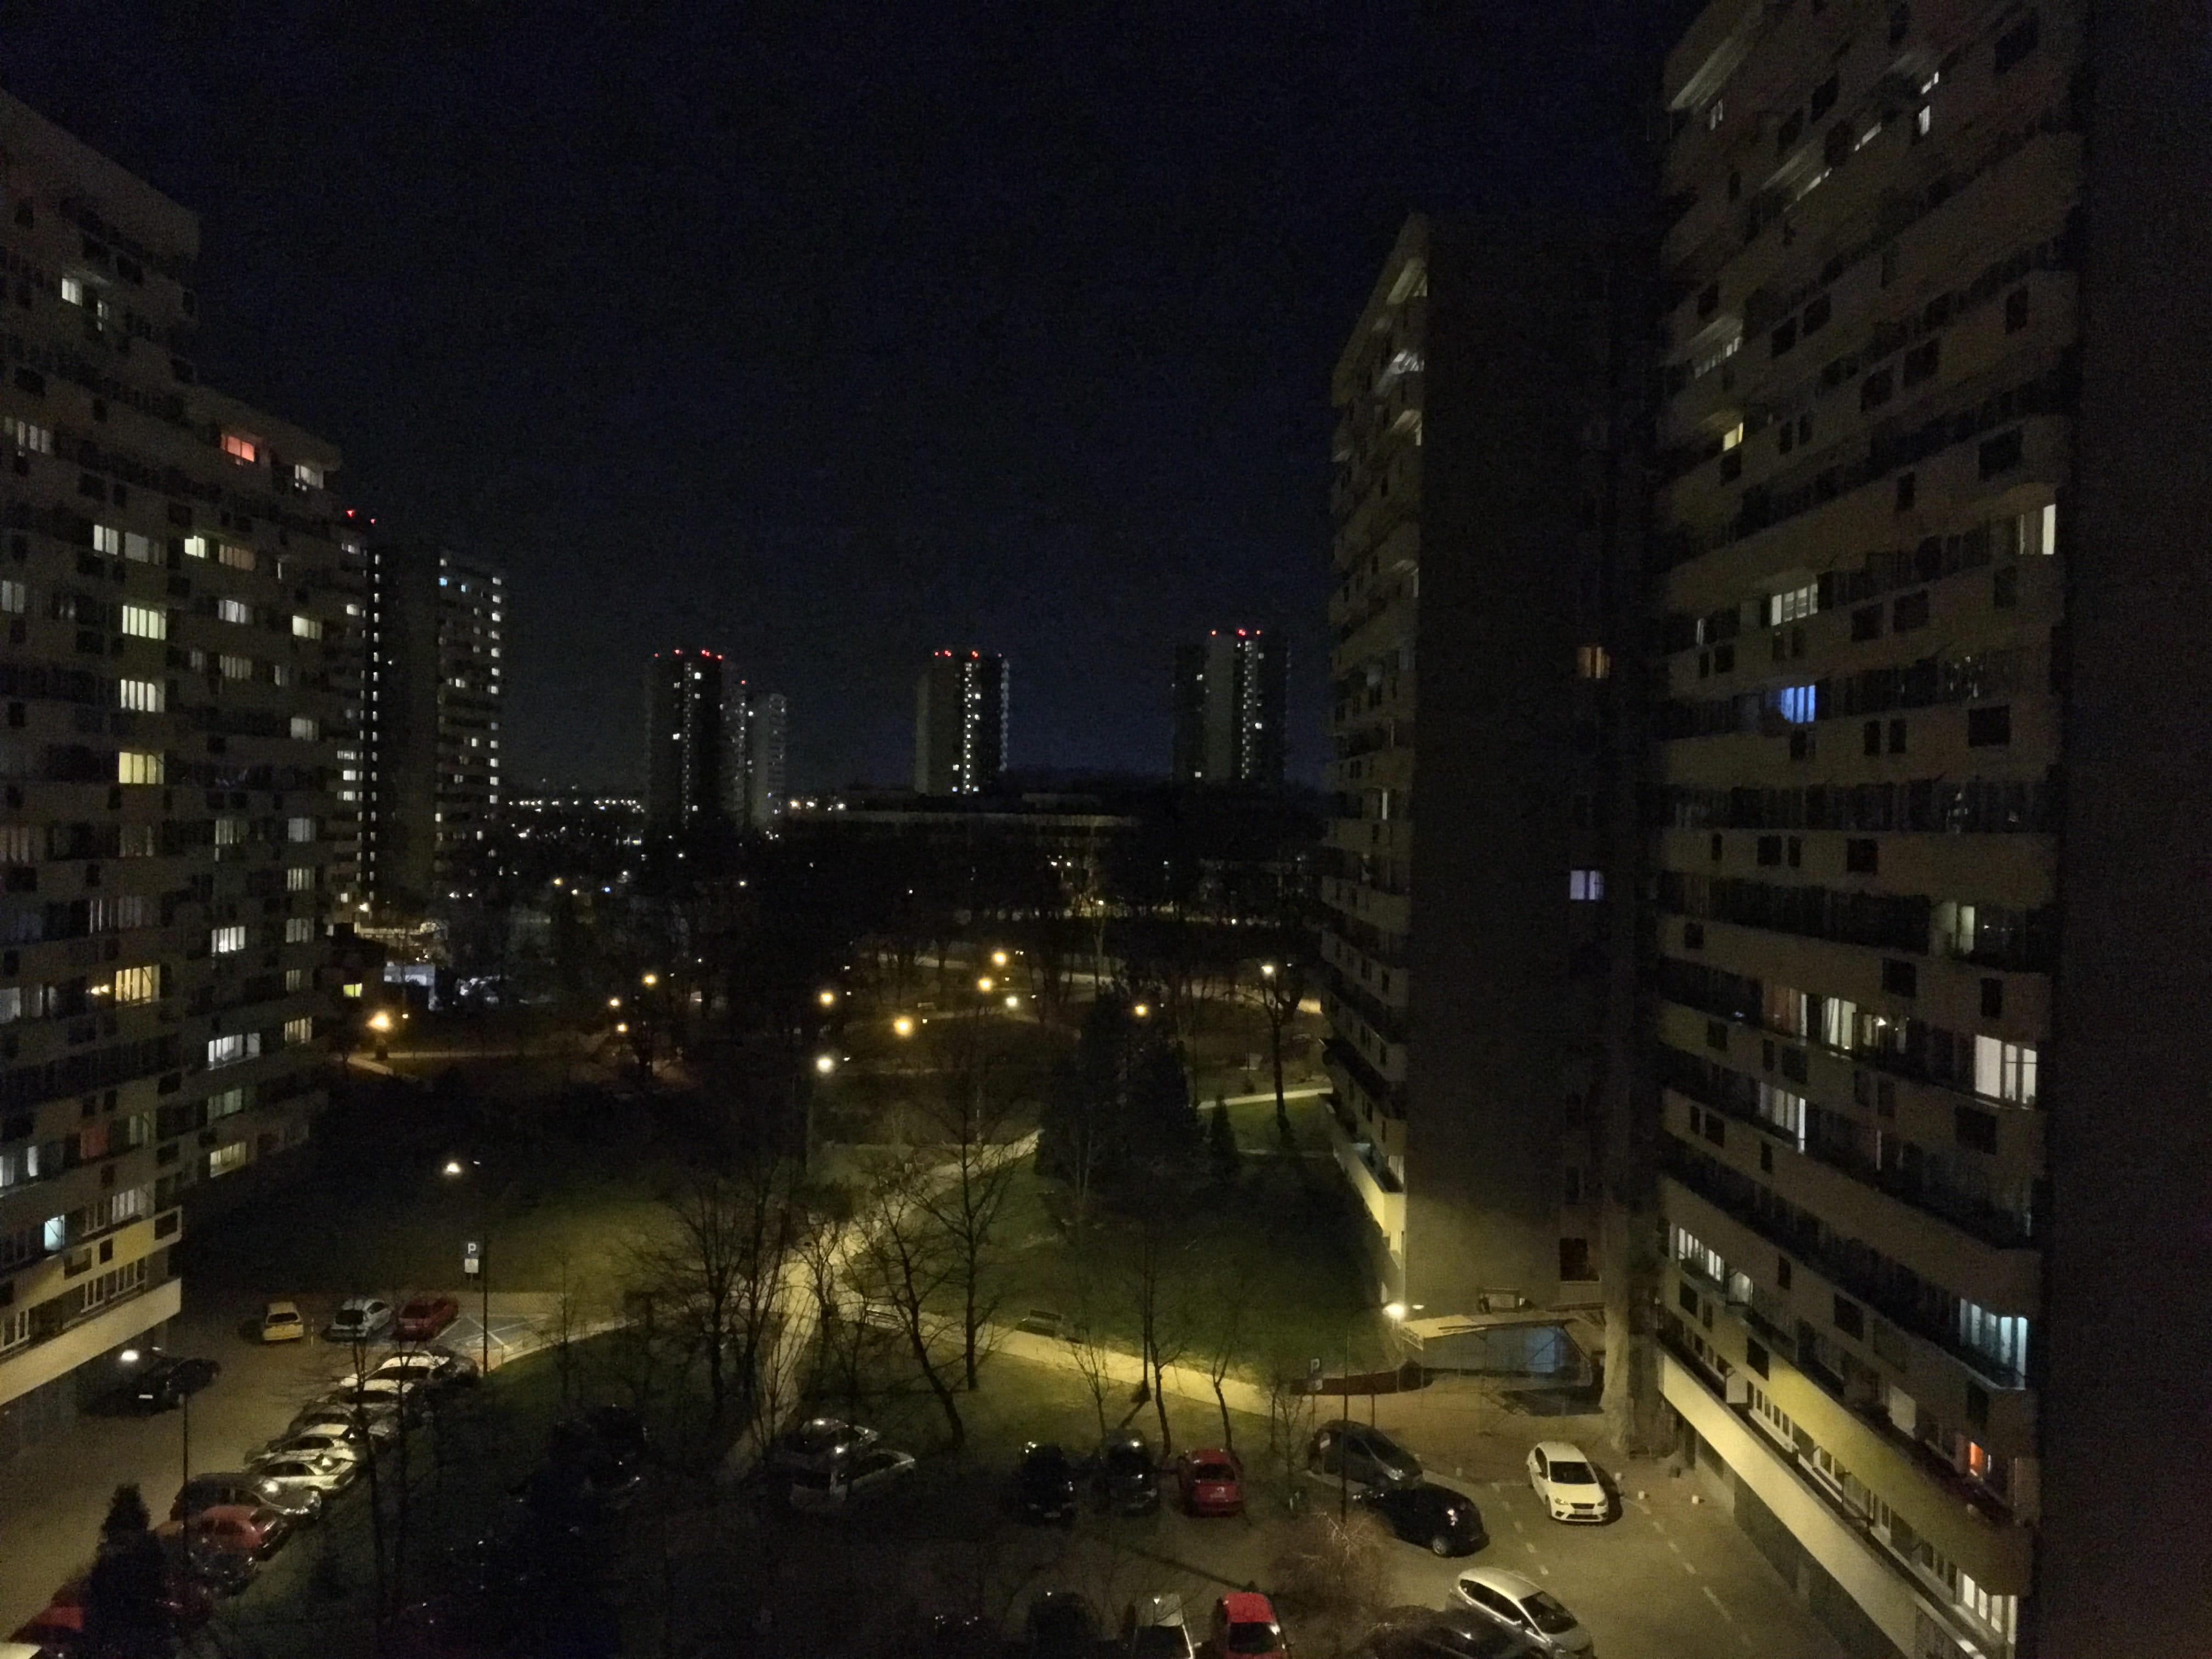 Zdjęcia nocne - iPhone 6S